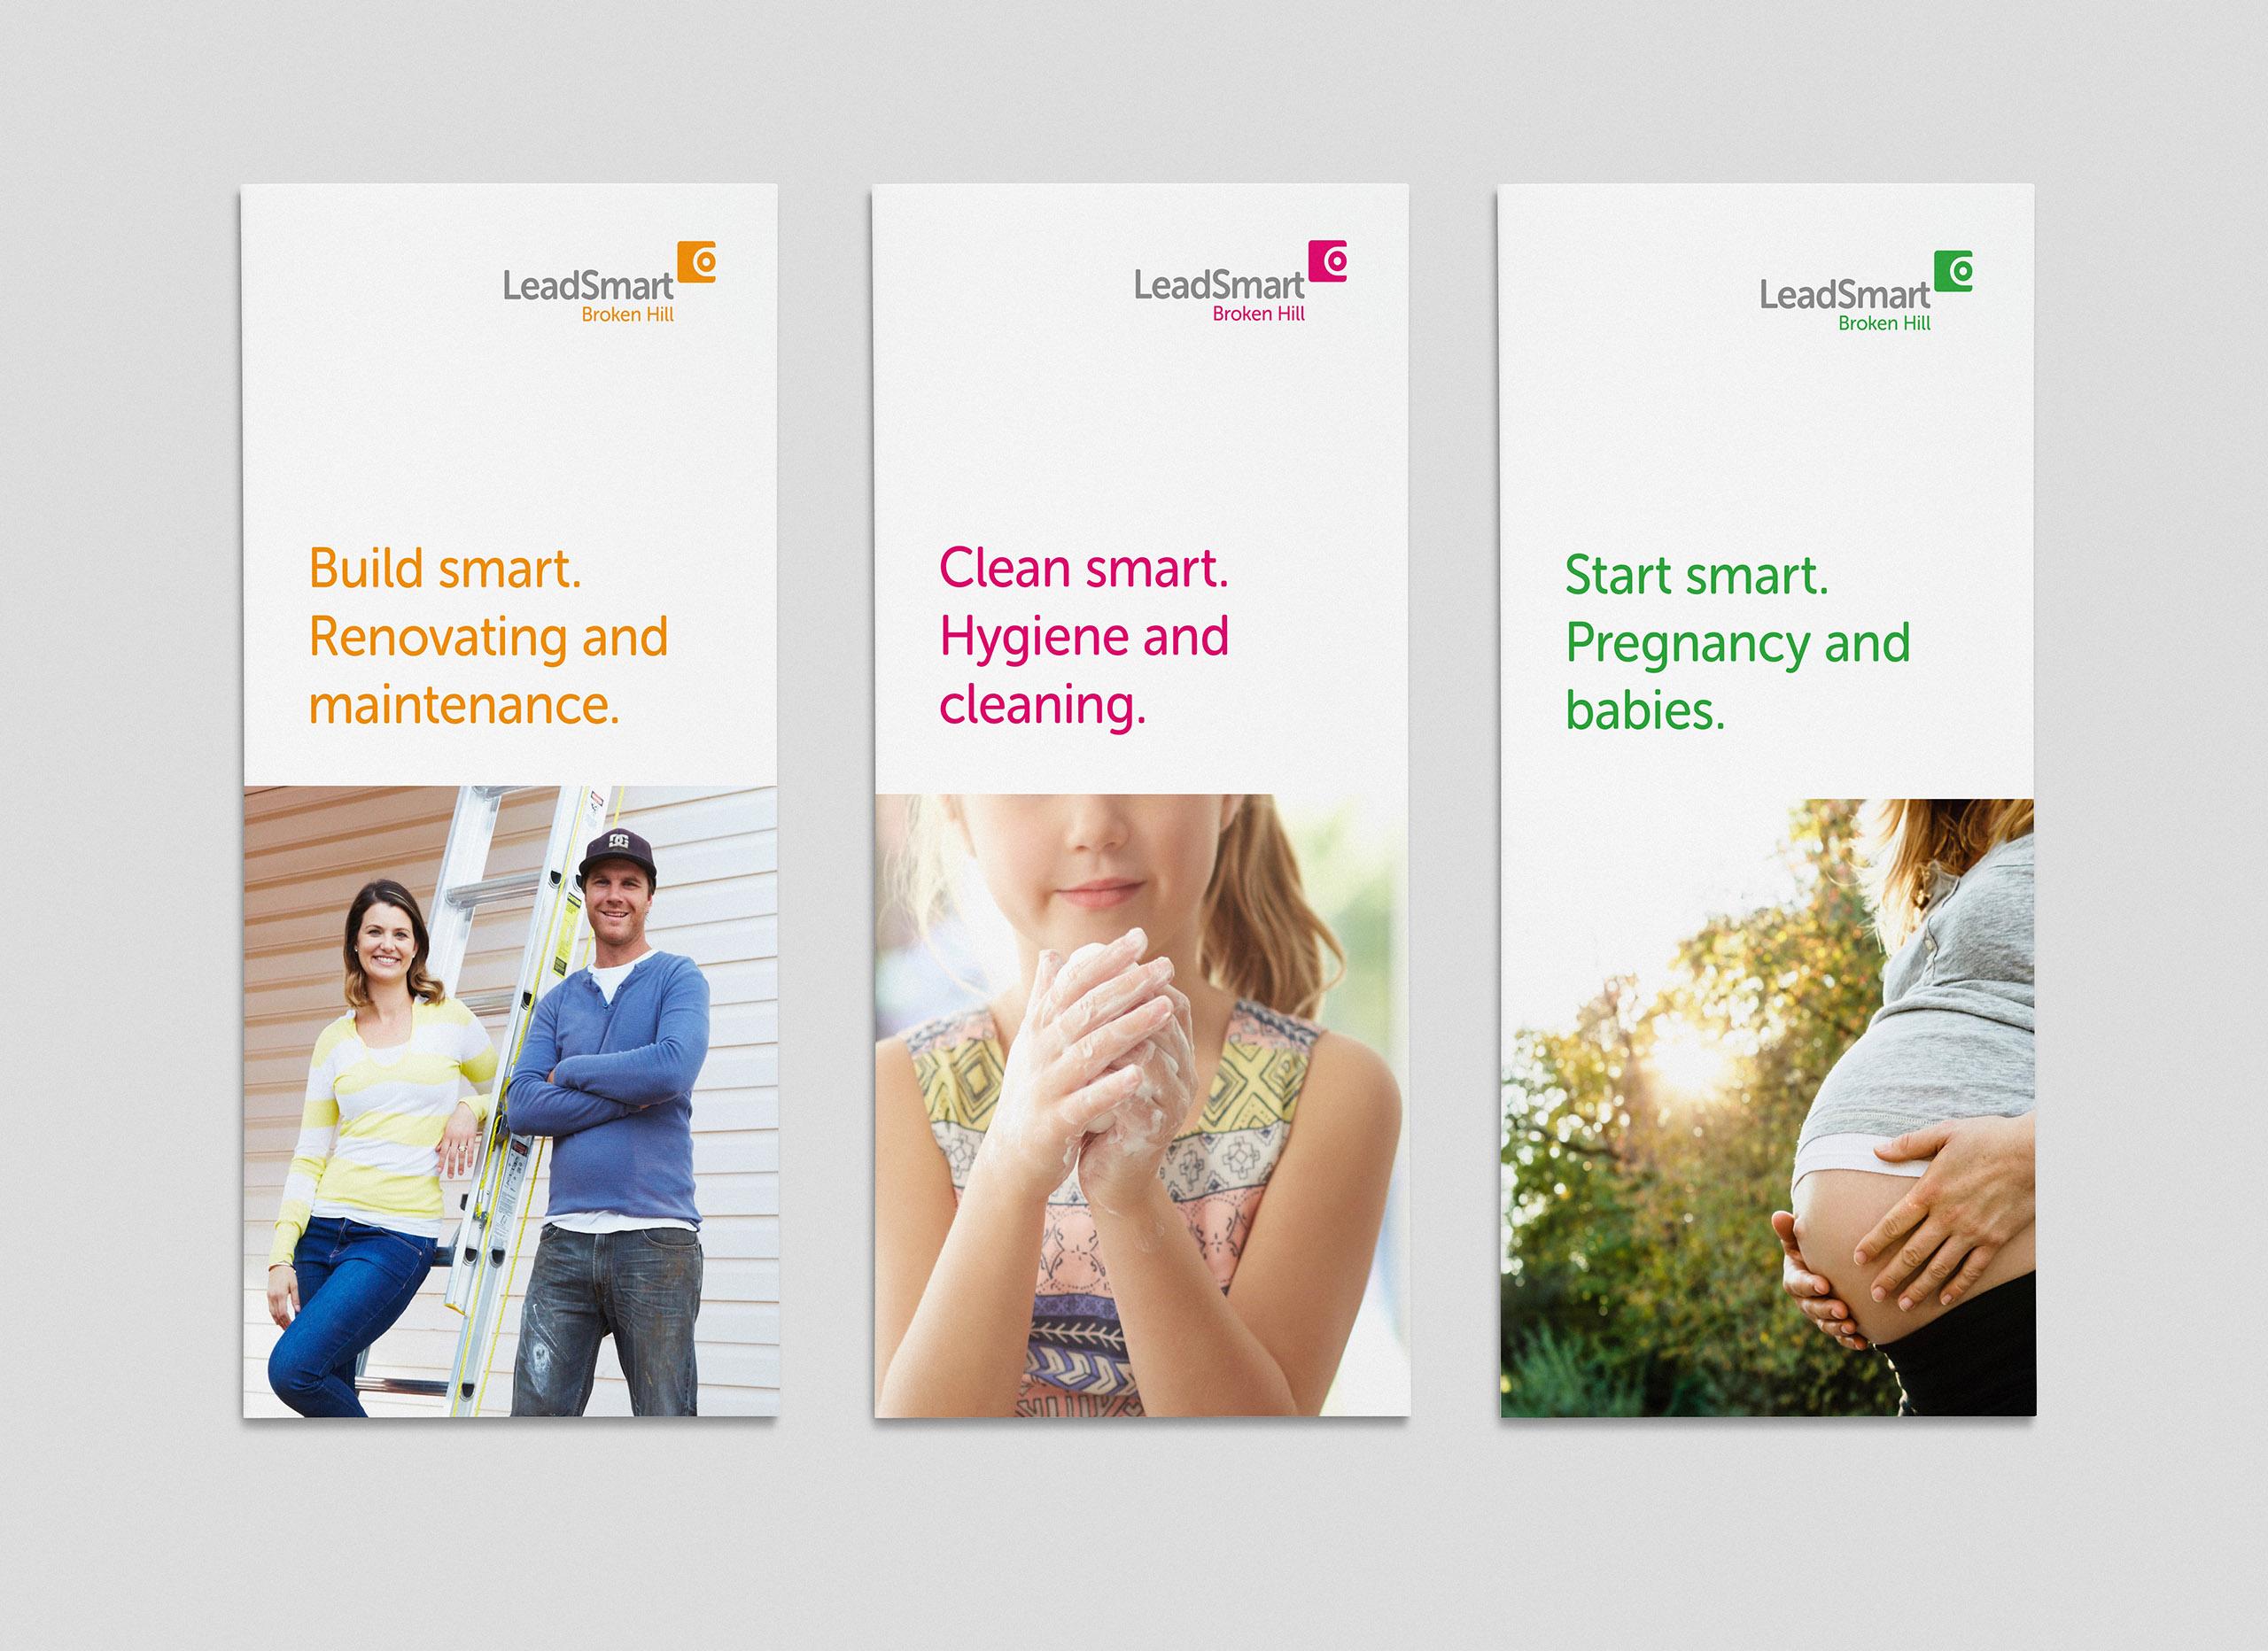 leadsmart-dl-brochures